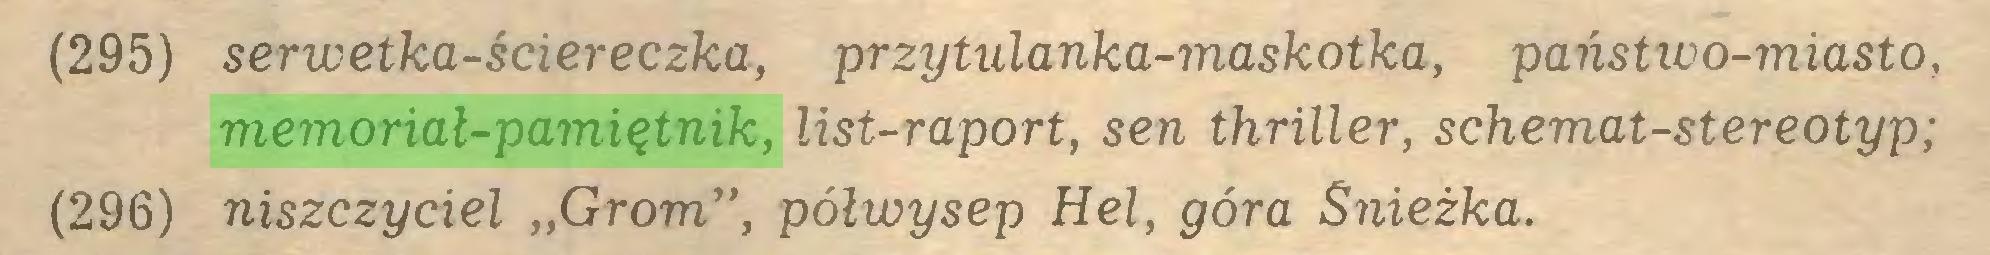 """(...) (295) serwetka-ściereczka, przytulanka-maskotka, państwo-miasto, memoriał-pamiętnik, list-raport, sen thriller, schemat-stereotyp; (296) niszczyciel """"Grom"""", półwysep Hel, góra Śnieżka..."""